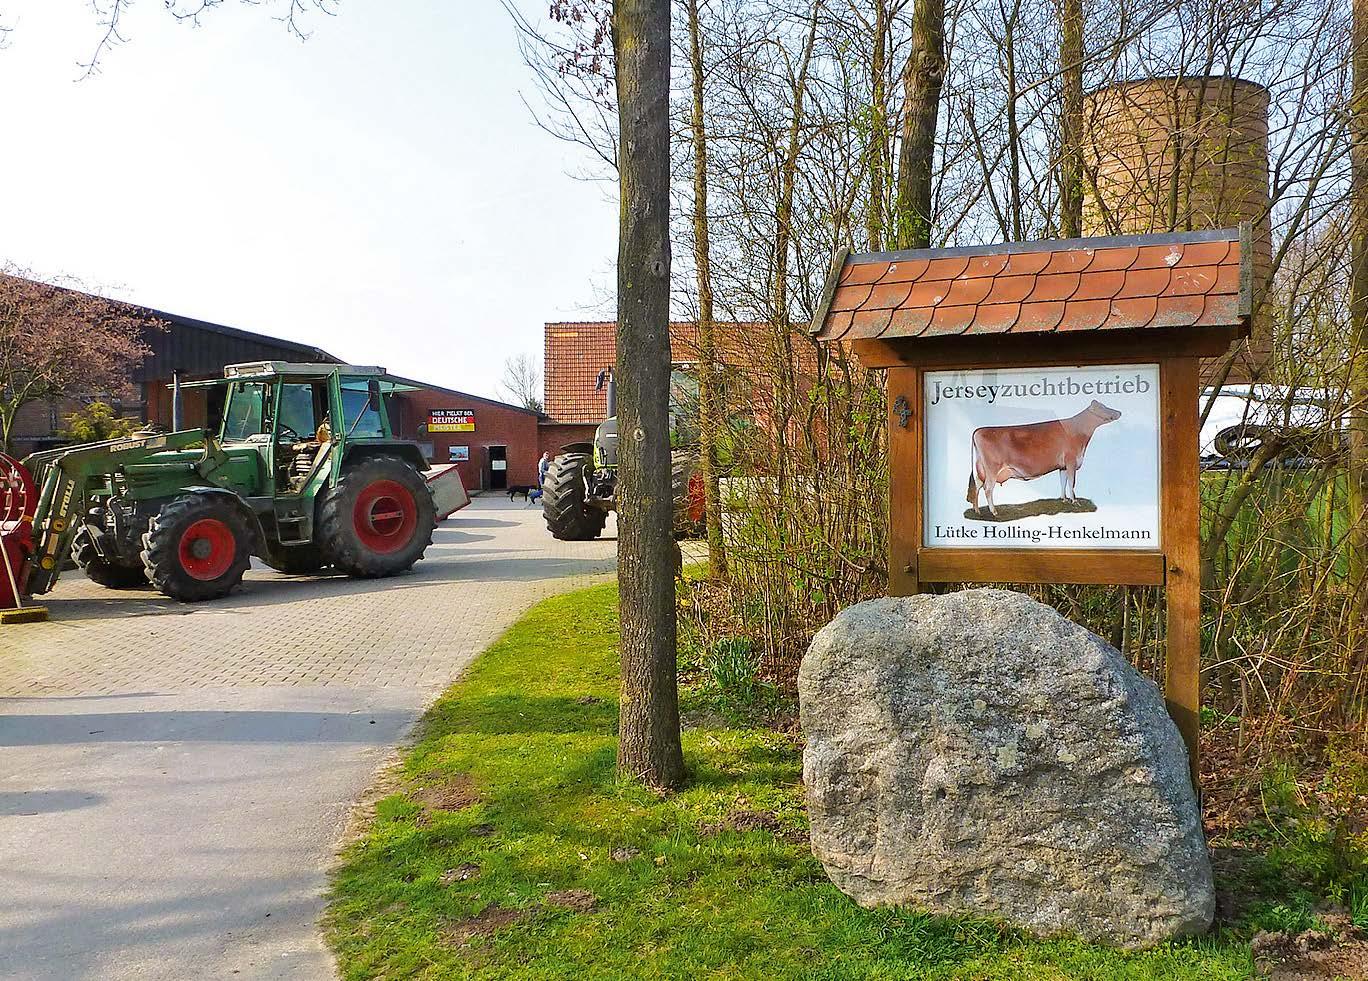 Ursprünglich kommt die Milchviehrasse Jersey, die hier gezüchtet wird, tatsächlich von der Kanalinsel Jersey.